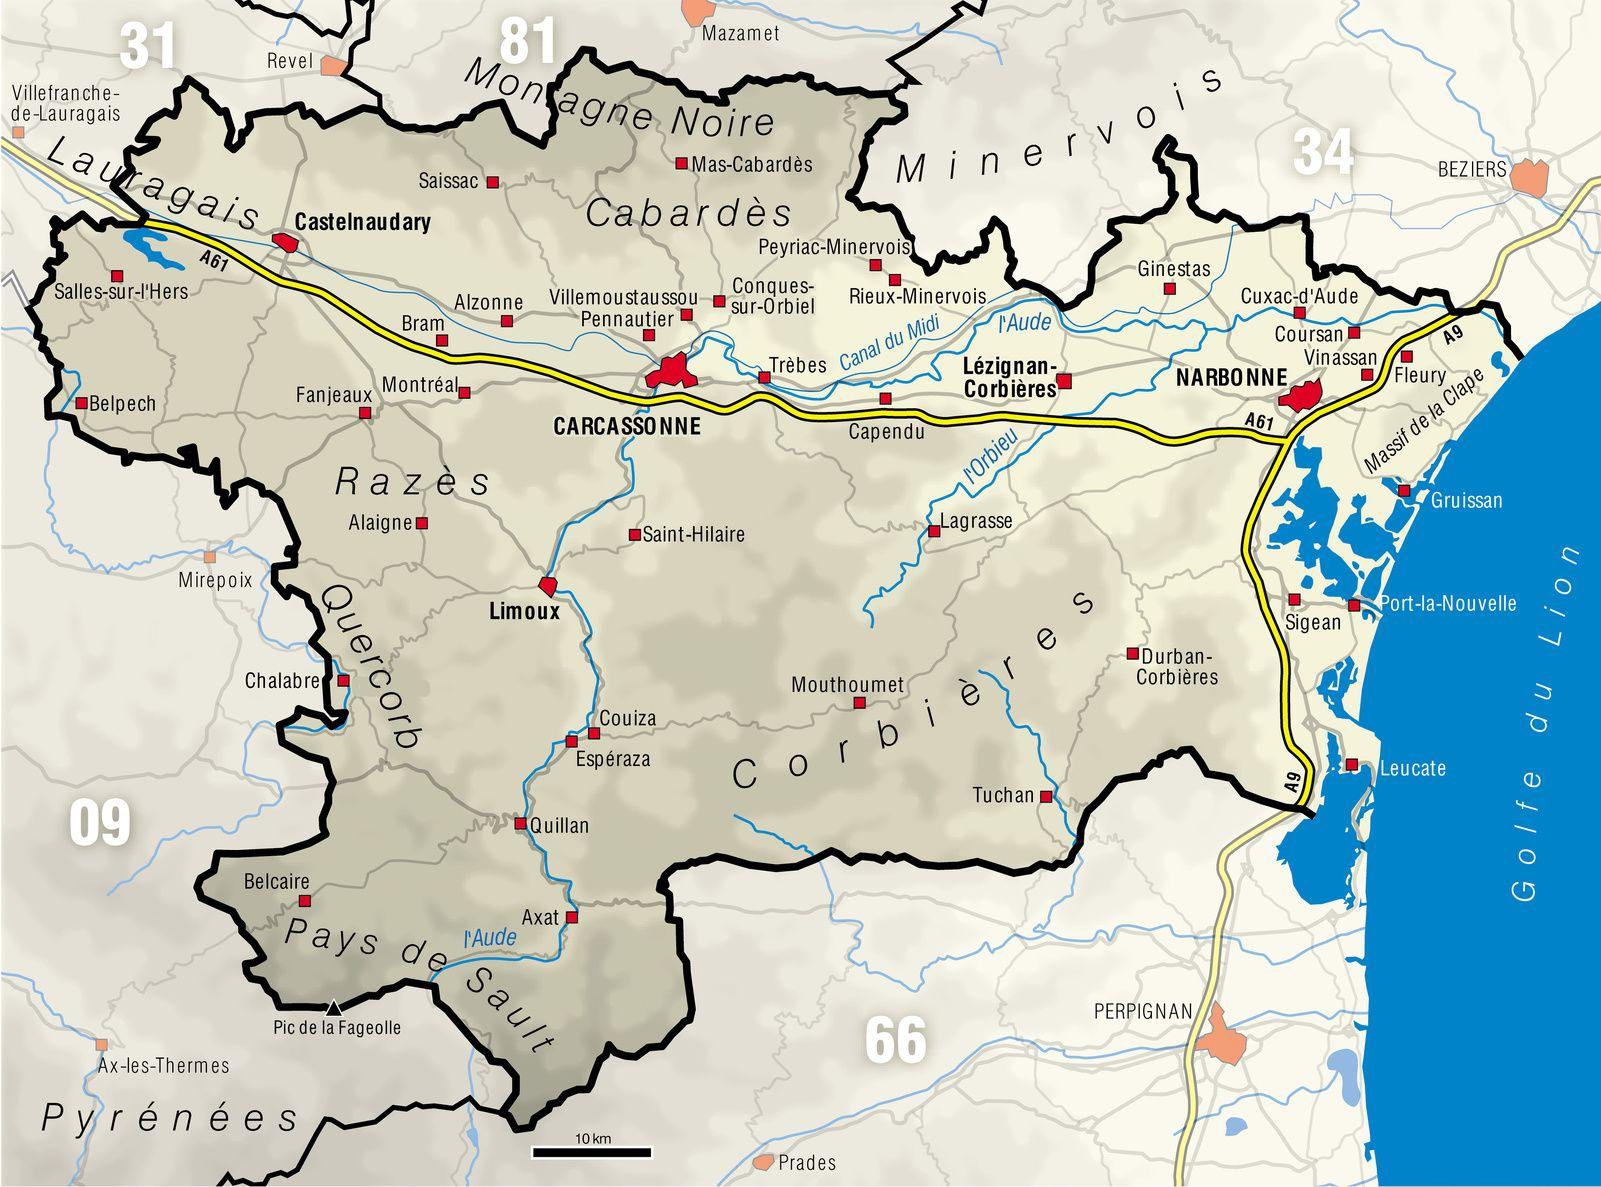 Carte De L'aude - Aude Carte Du Département 11 - Villes destiné Carte France Avec Region